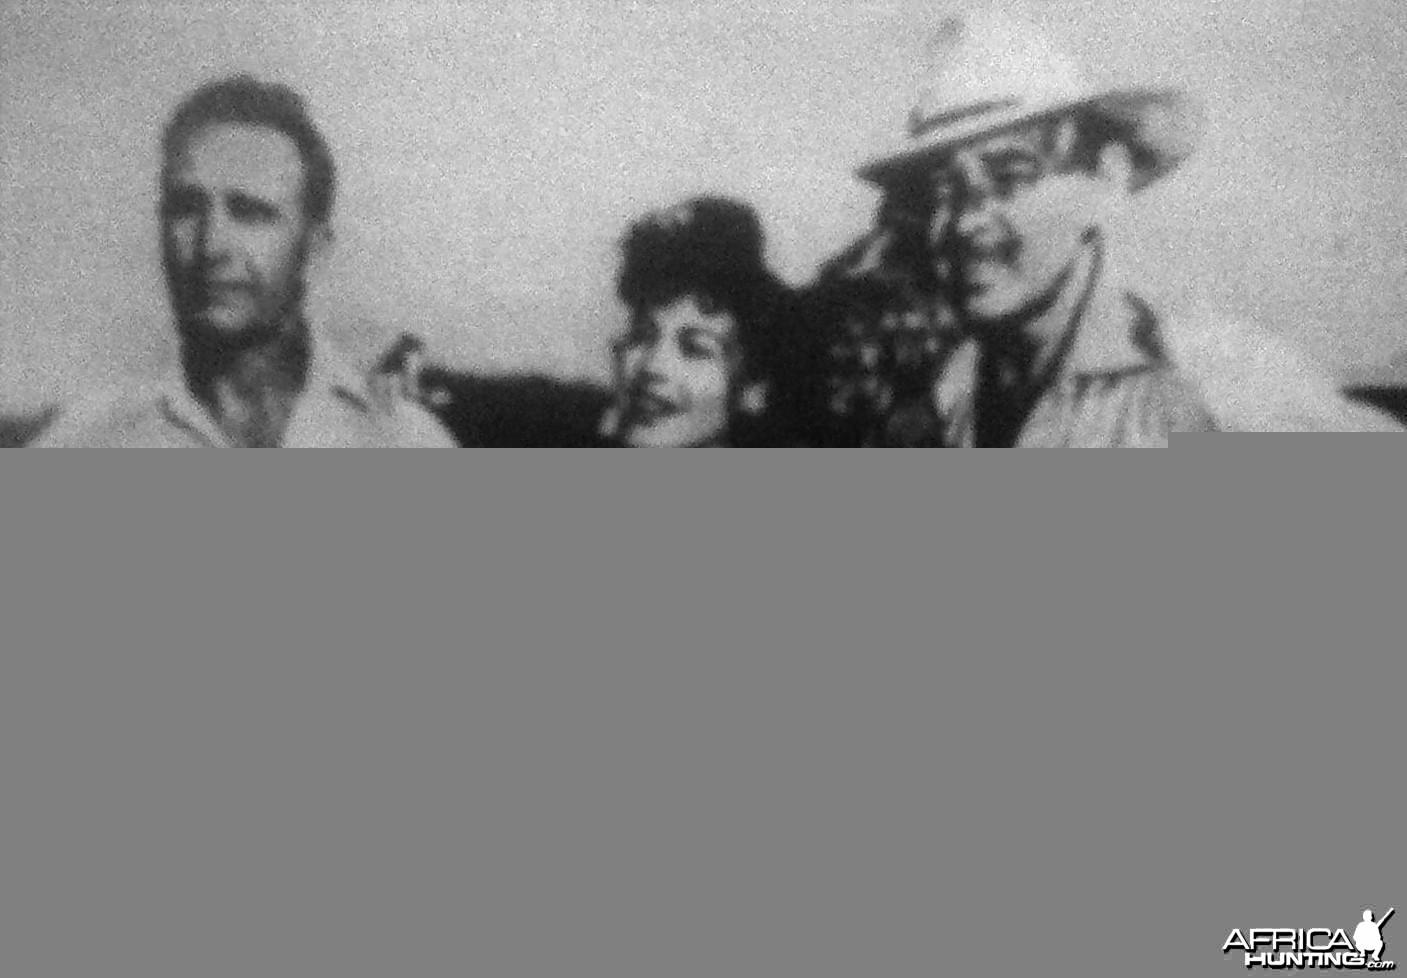 Bunny Allen, Eva Gardner & Clark Gable